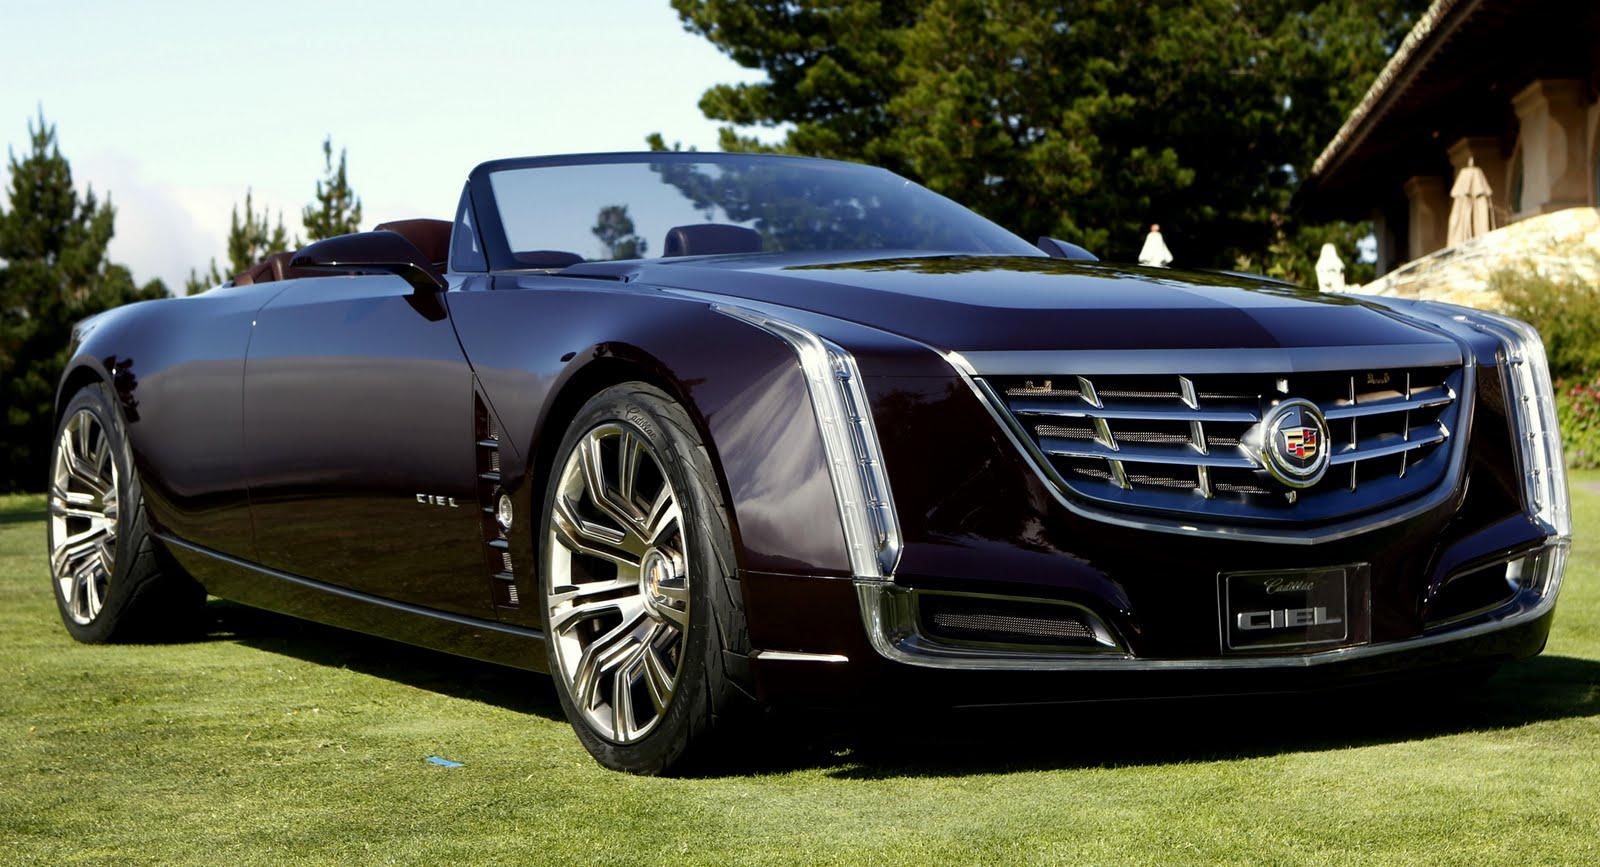 Cadillac Ciel Concept Debuts In Pebble Beach